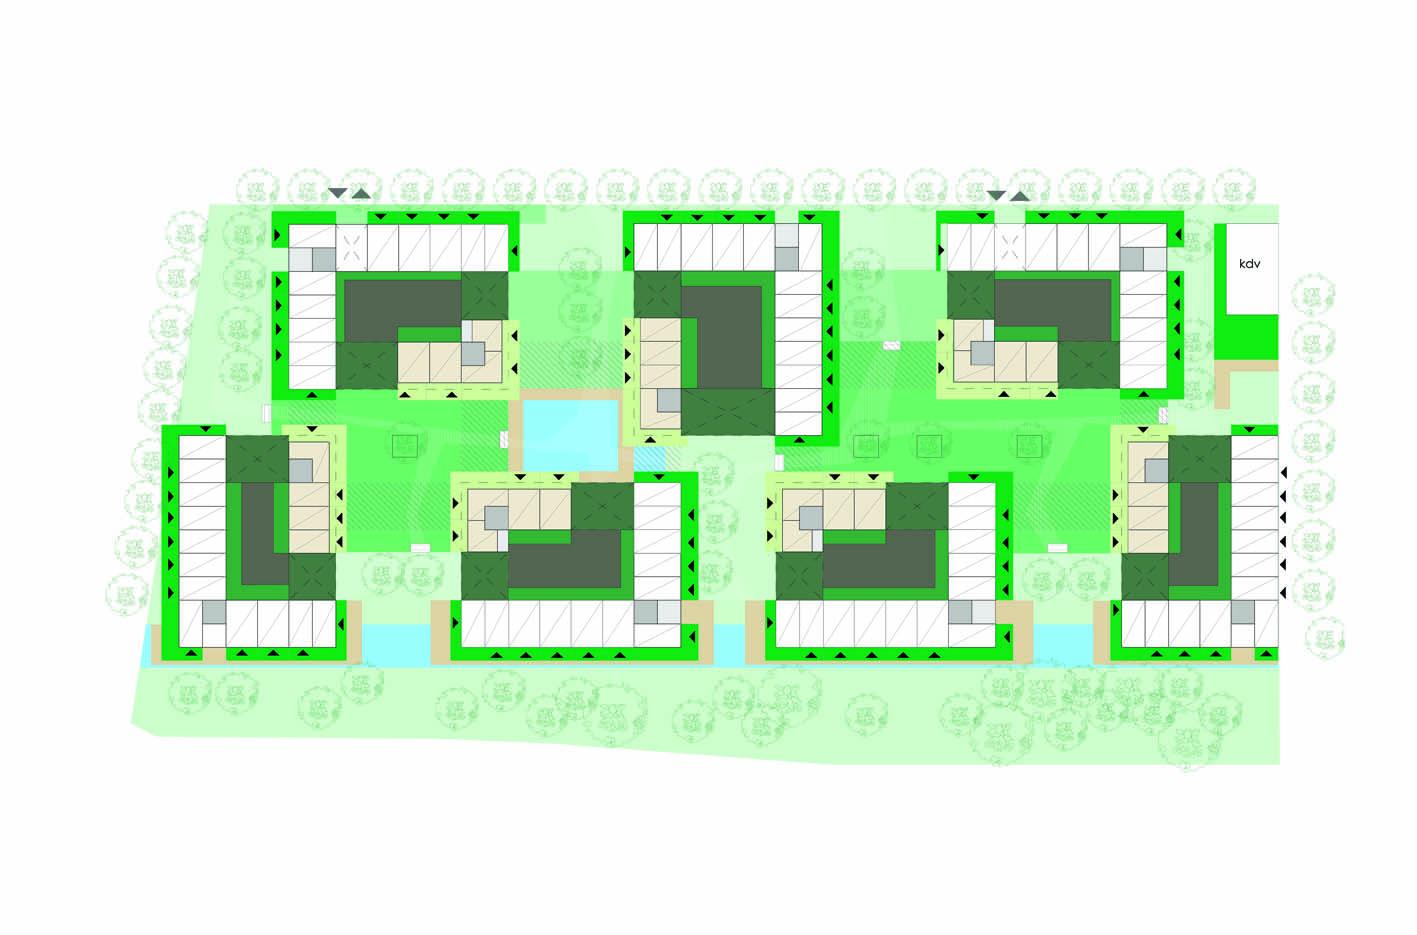 Lelylaan atelier PUUUR cultureel geinspireerd wonen woningbouw stedenbouwkundig plan BG BNA Jonge Architecten Prijsvraag